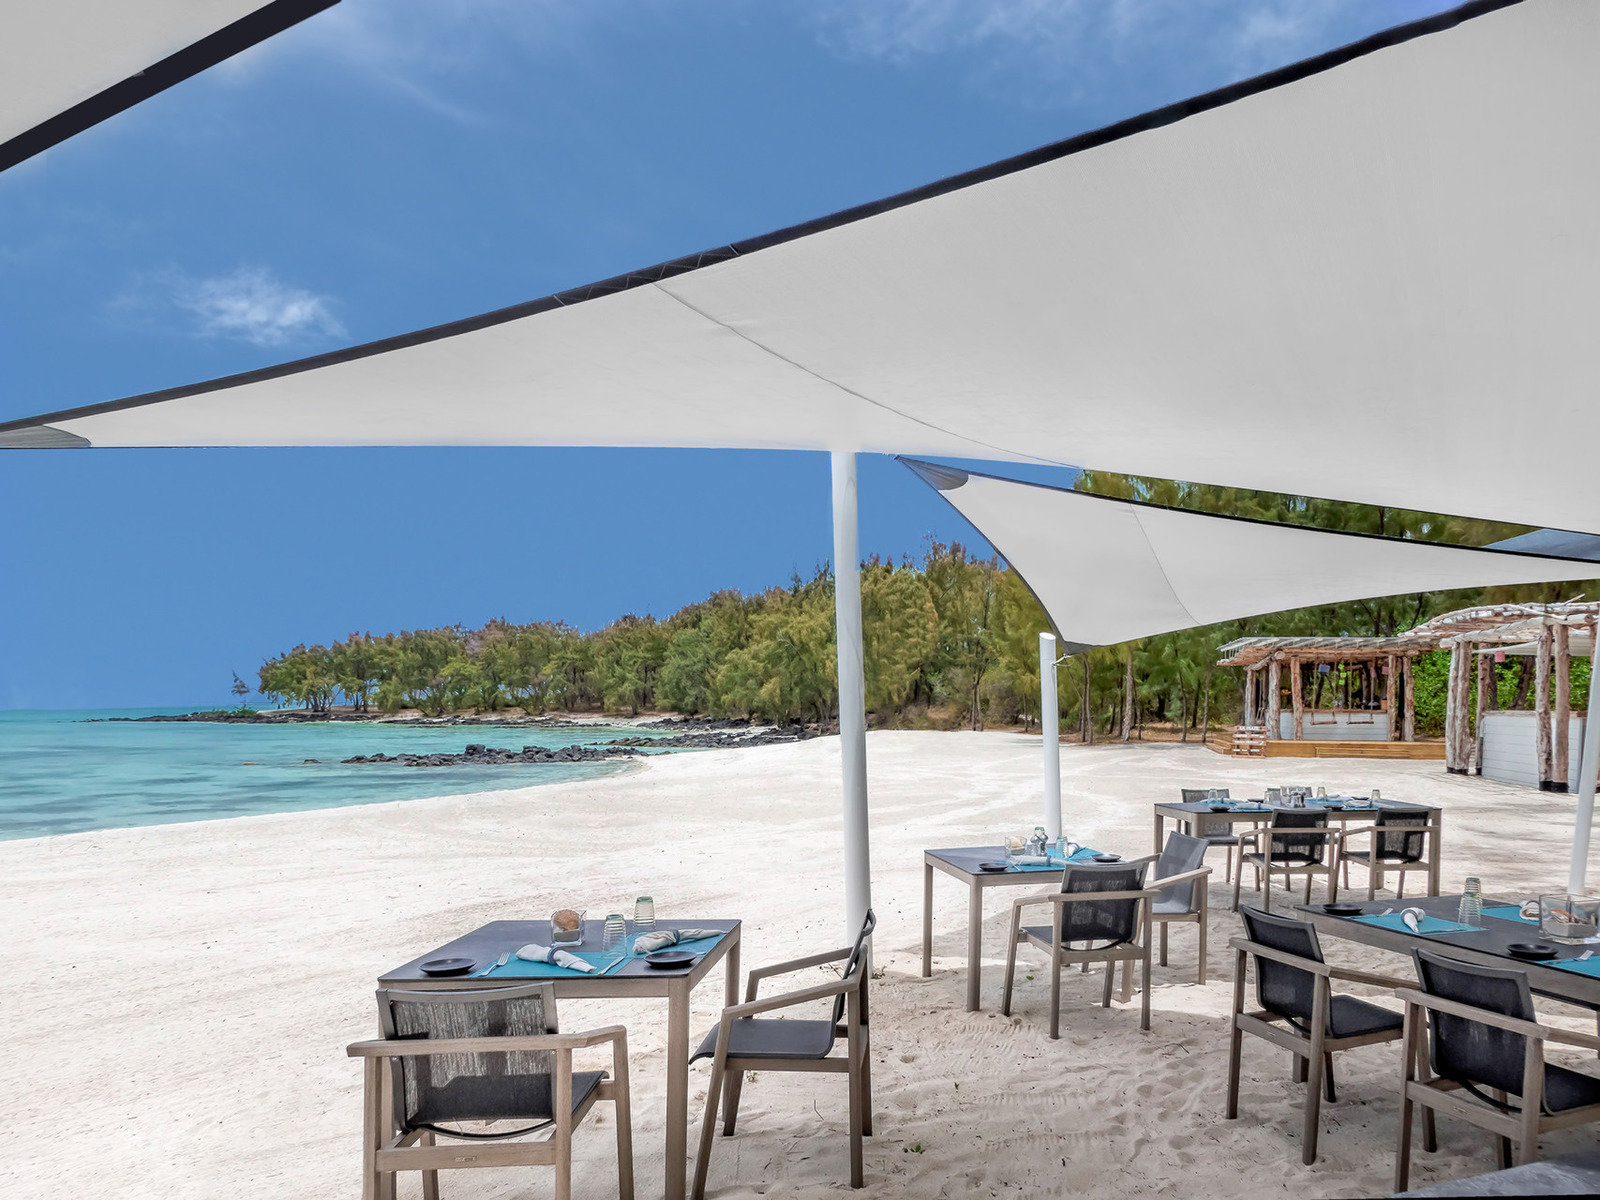 FS Private Beach & IAC private Club